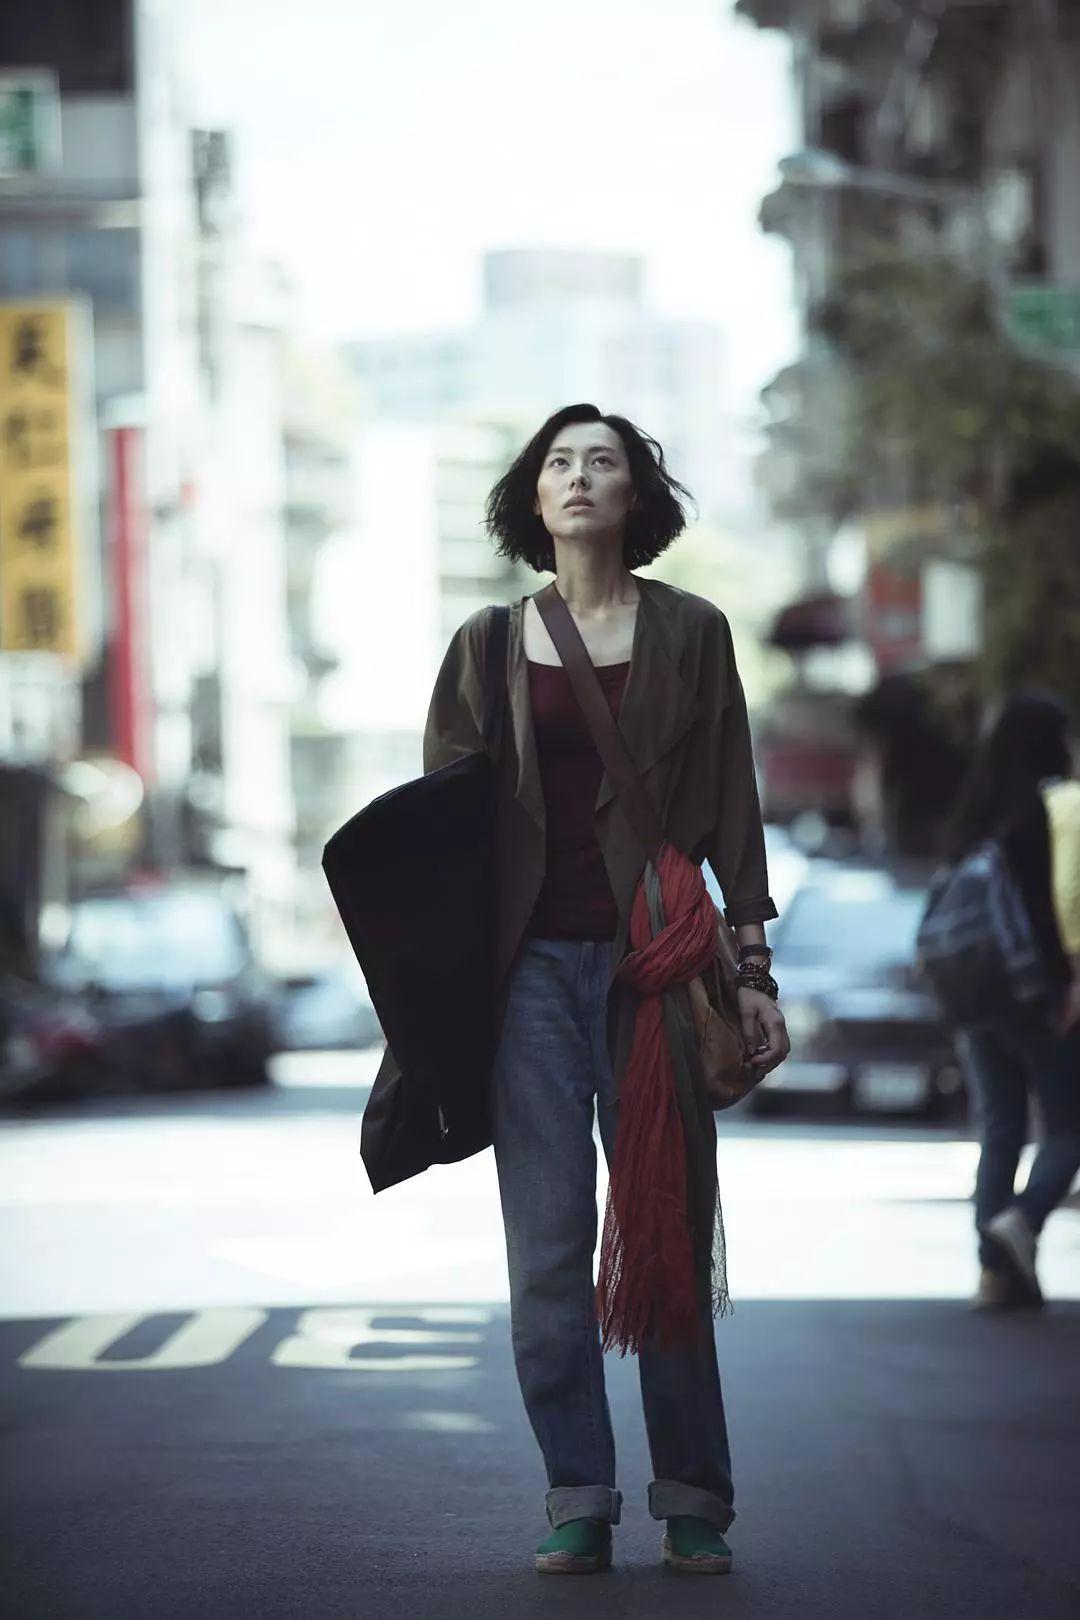 香江忆旧录||梁洛施,就你也配做独立女性?